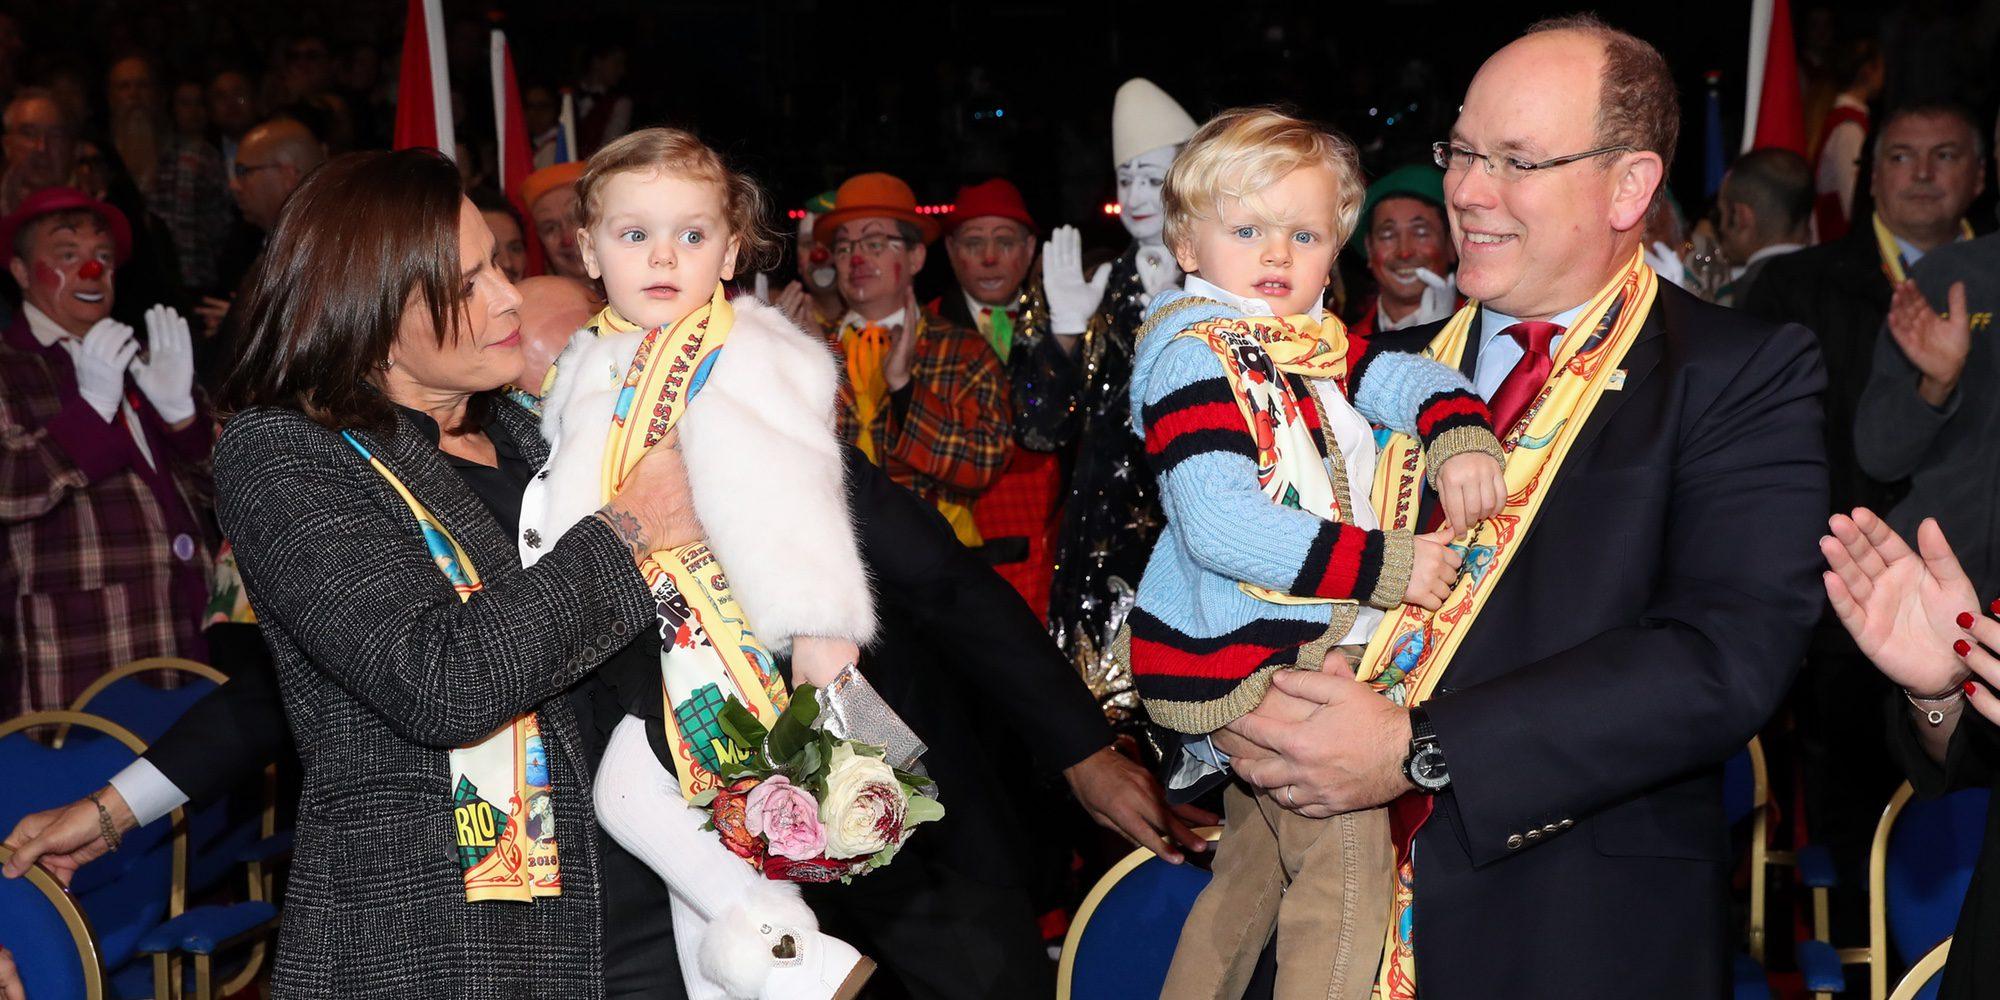 Jacques y Gabriella de Mónaco, emocionados en su primera visita al Festival de Circo de Monte-Carlo